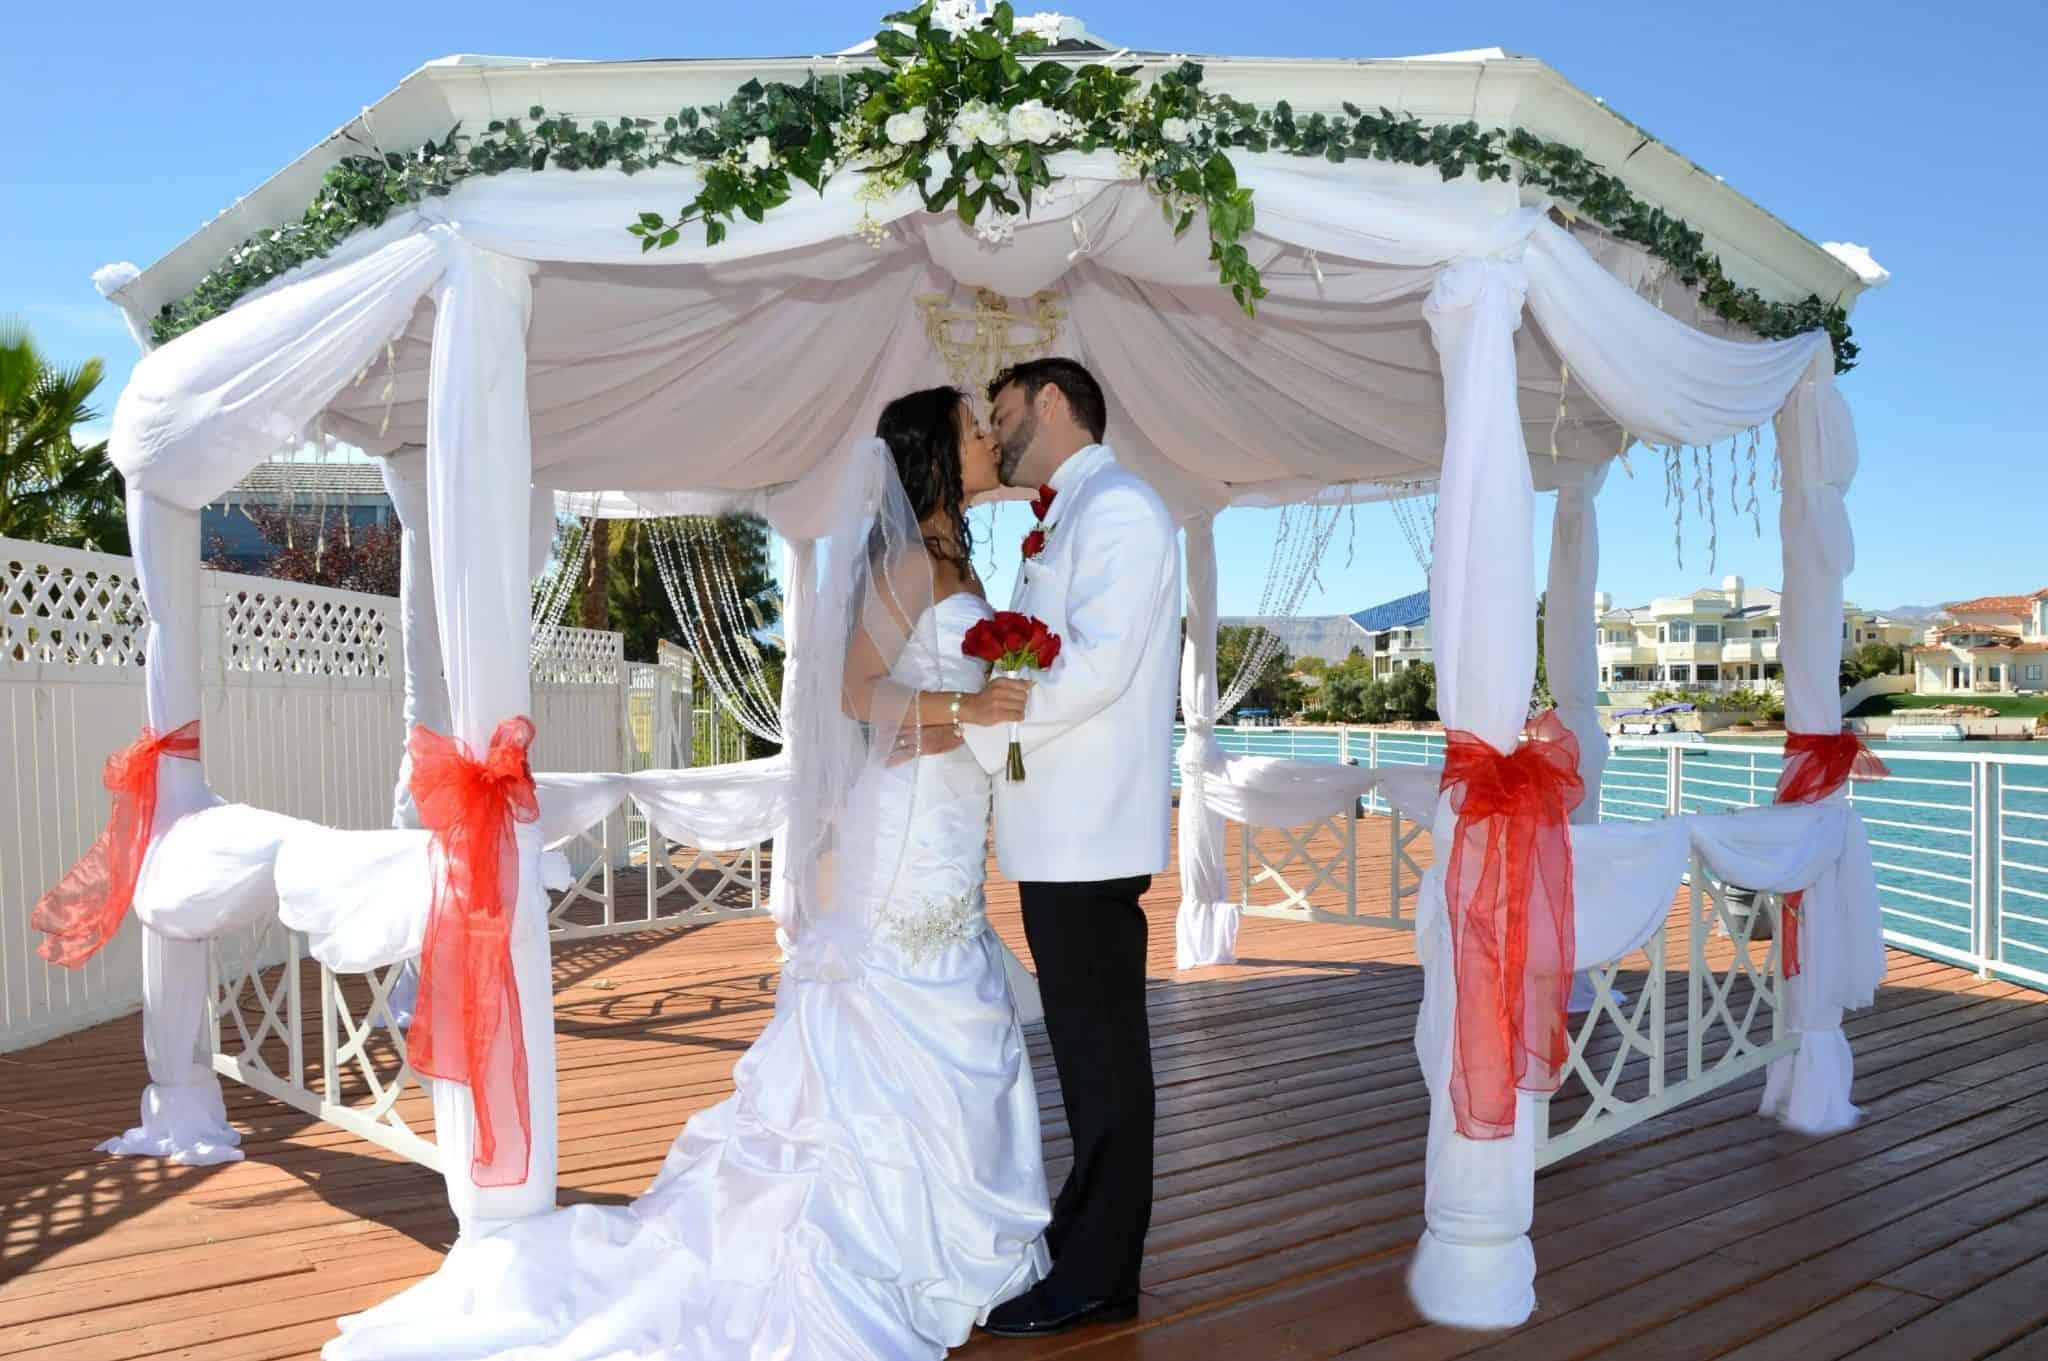 Vegas Wedding Packages.The 10 Best Las Vegas Hotels Wedding Packages Vegas Lens